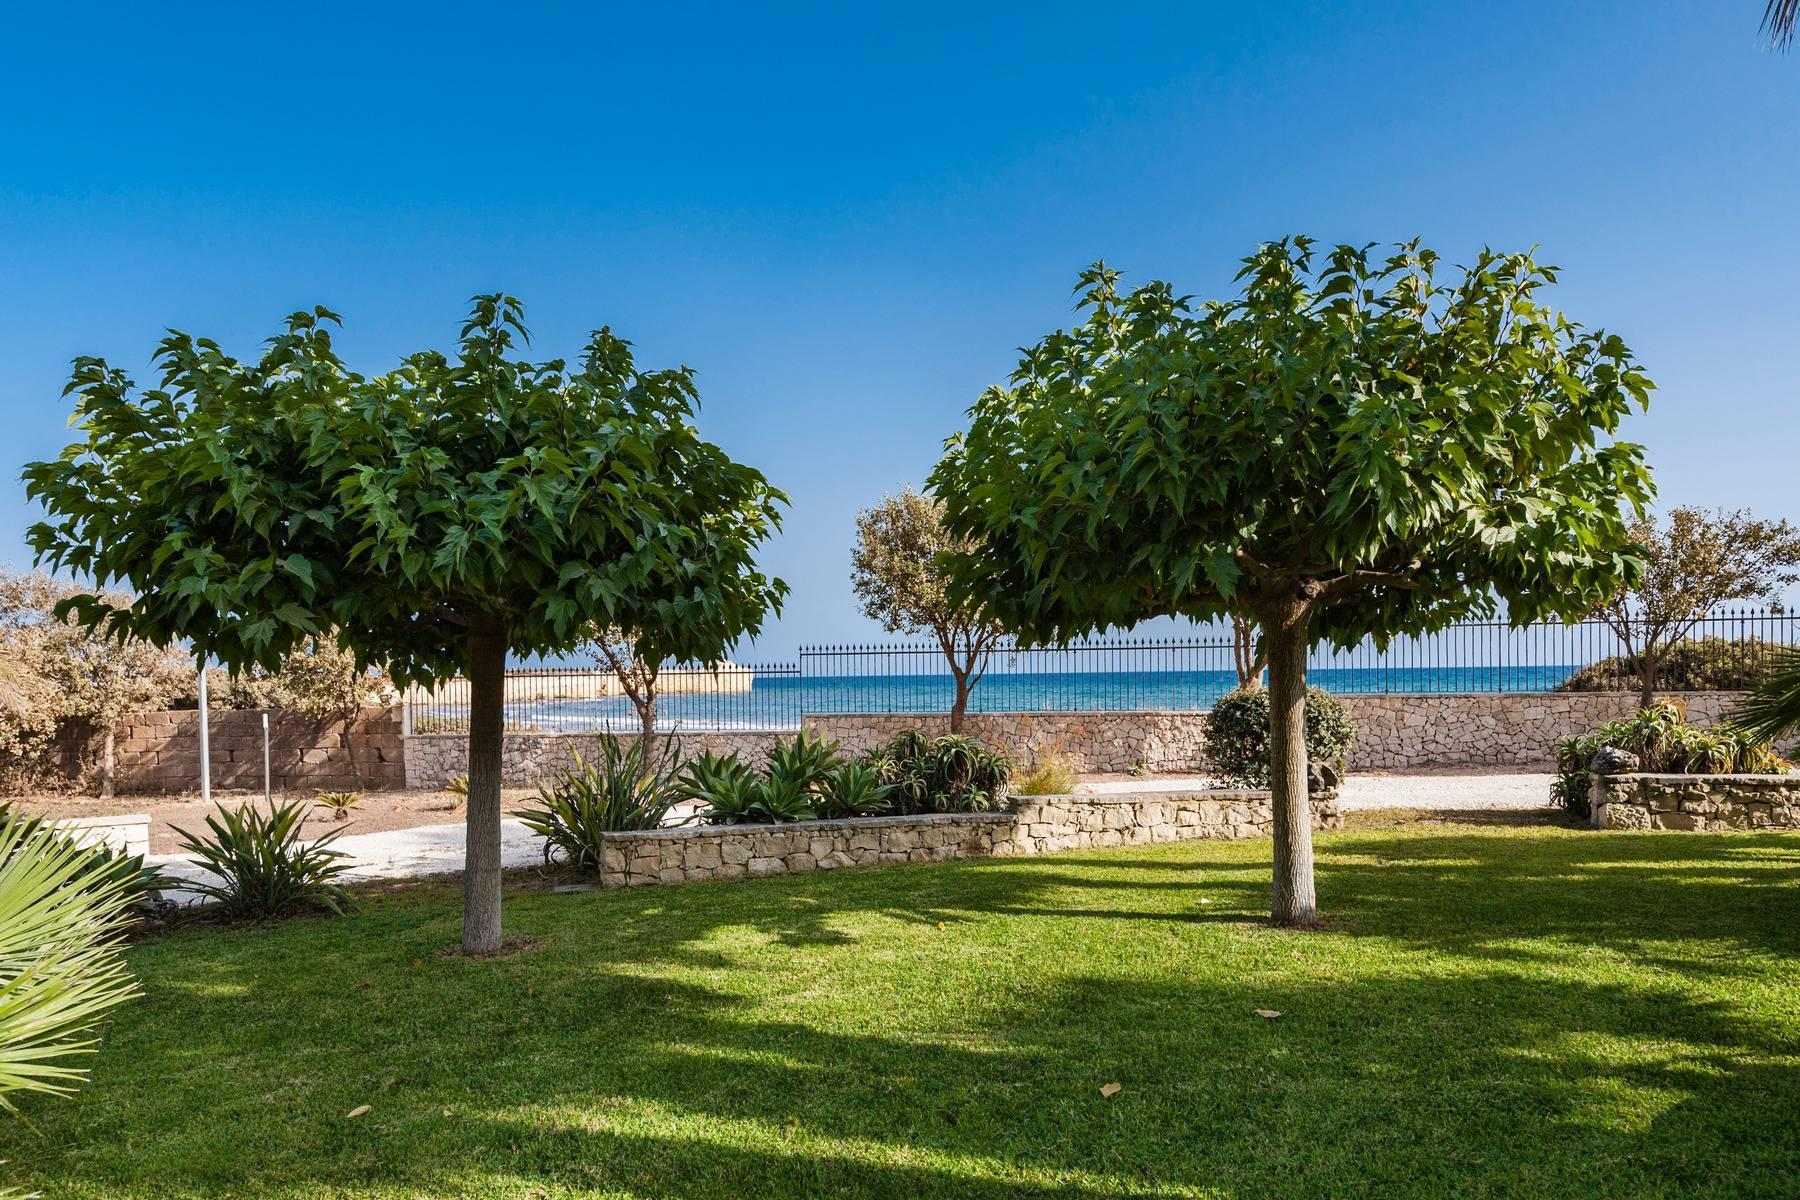 Esclusiva villa sul mare con ingresso privato in spiaggia - 14